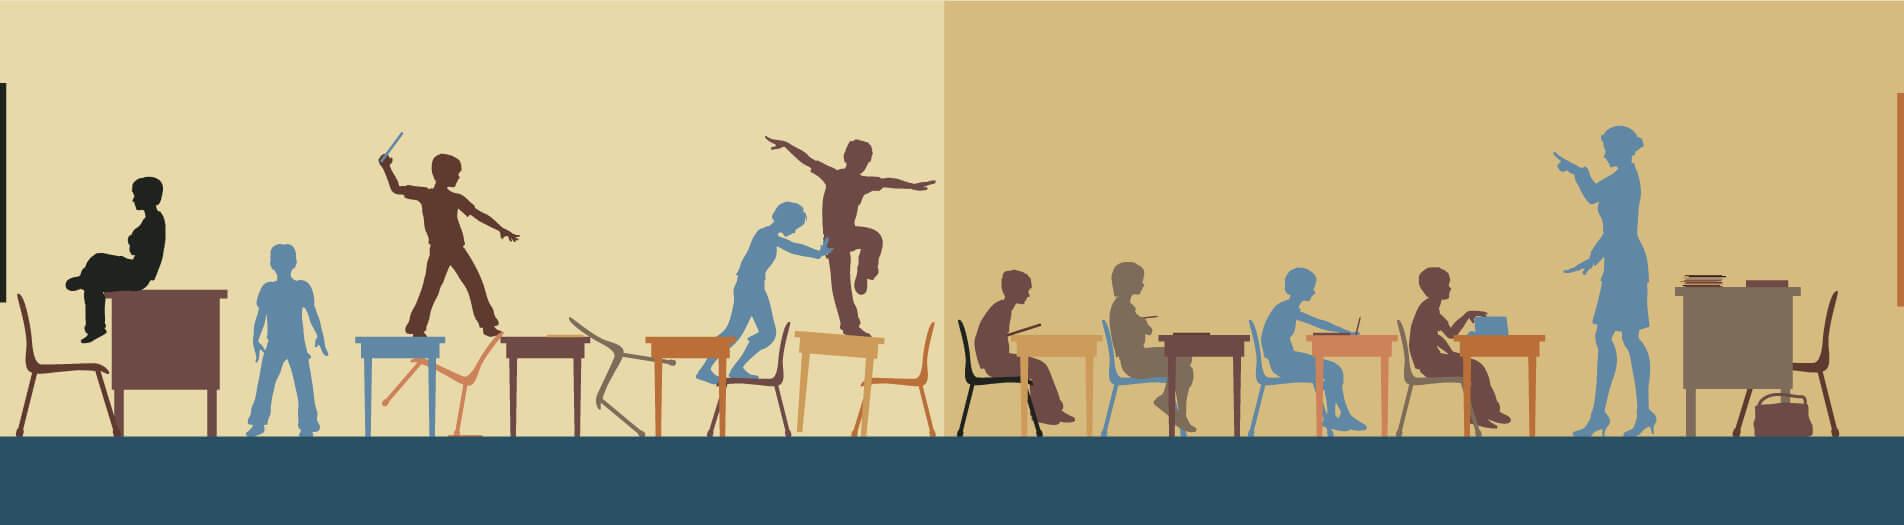 چالش نظم در کلاس